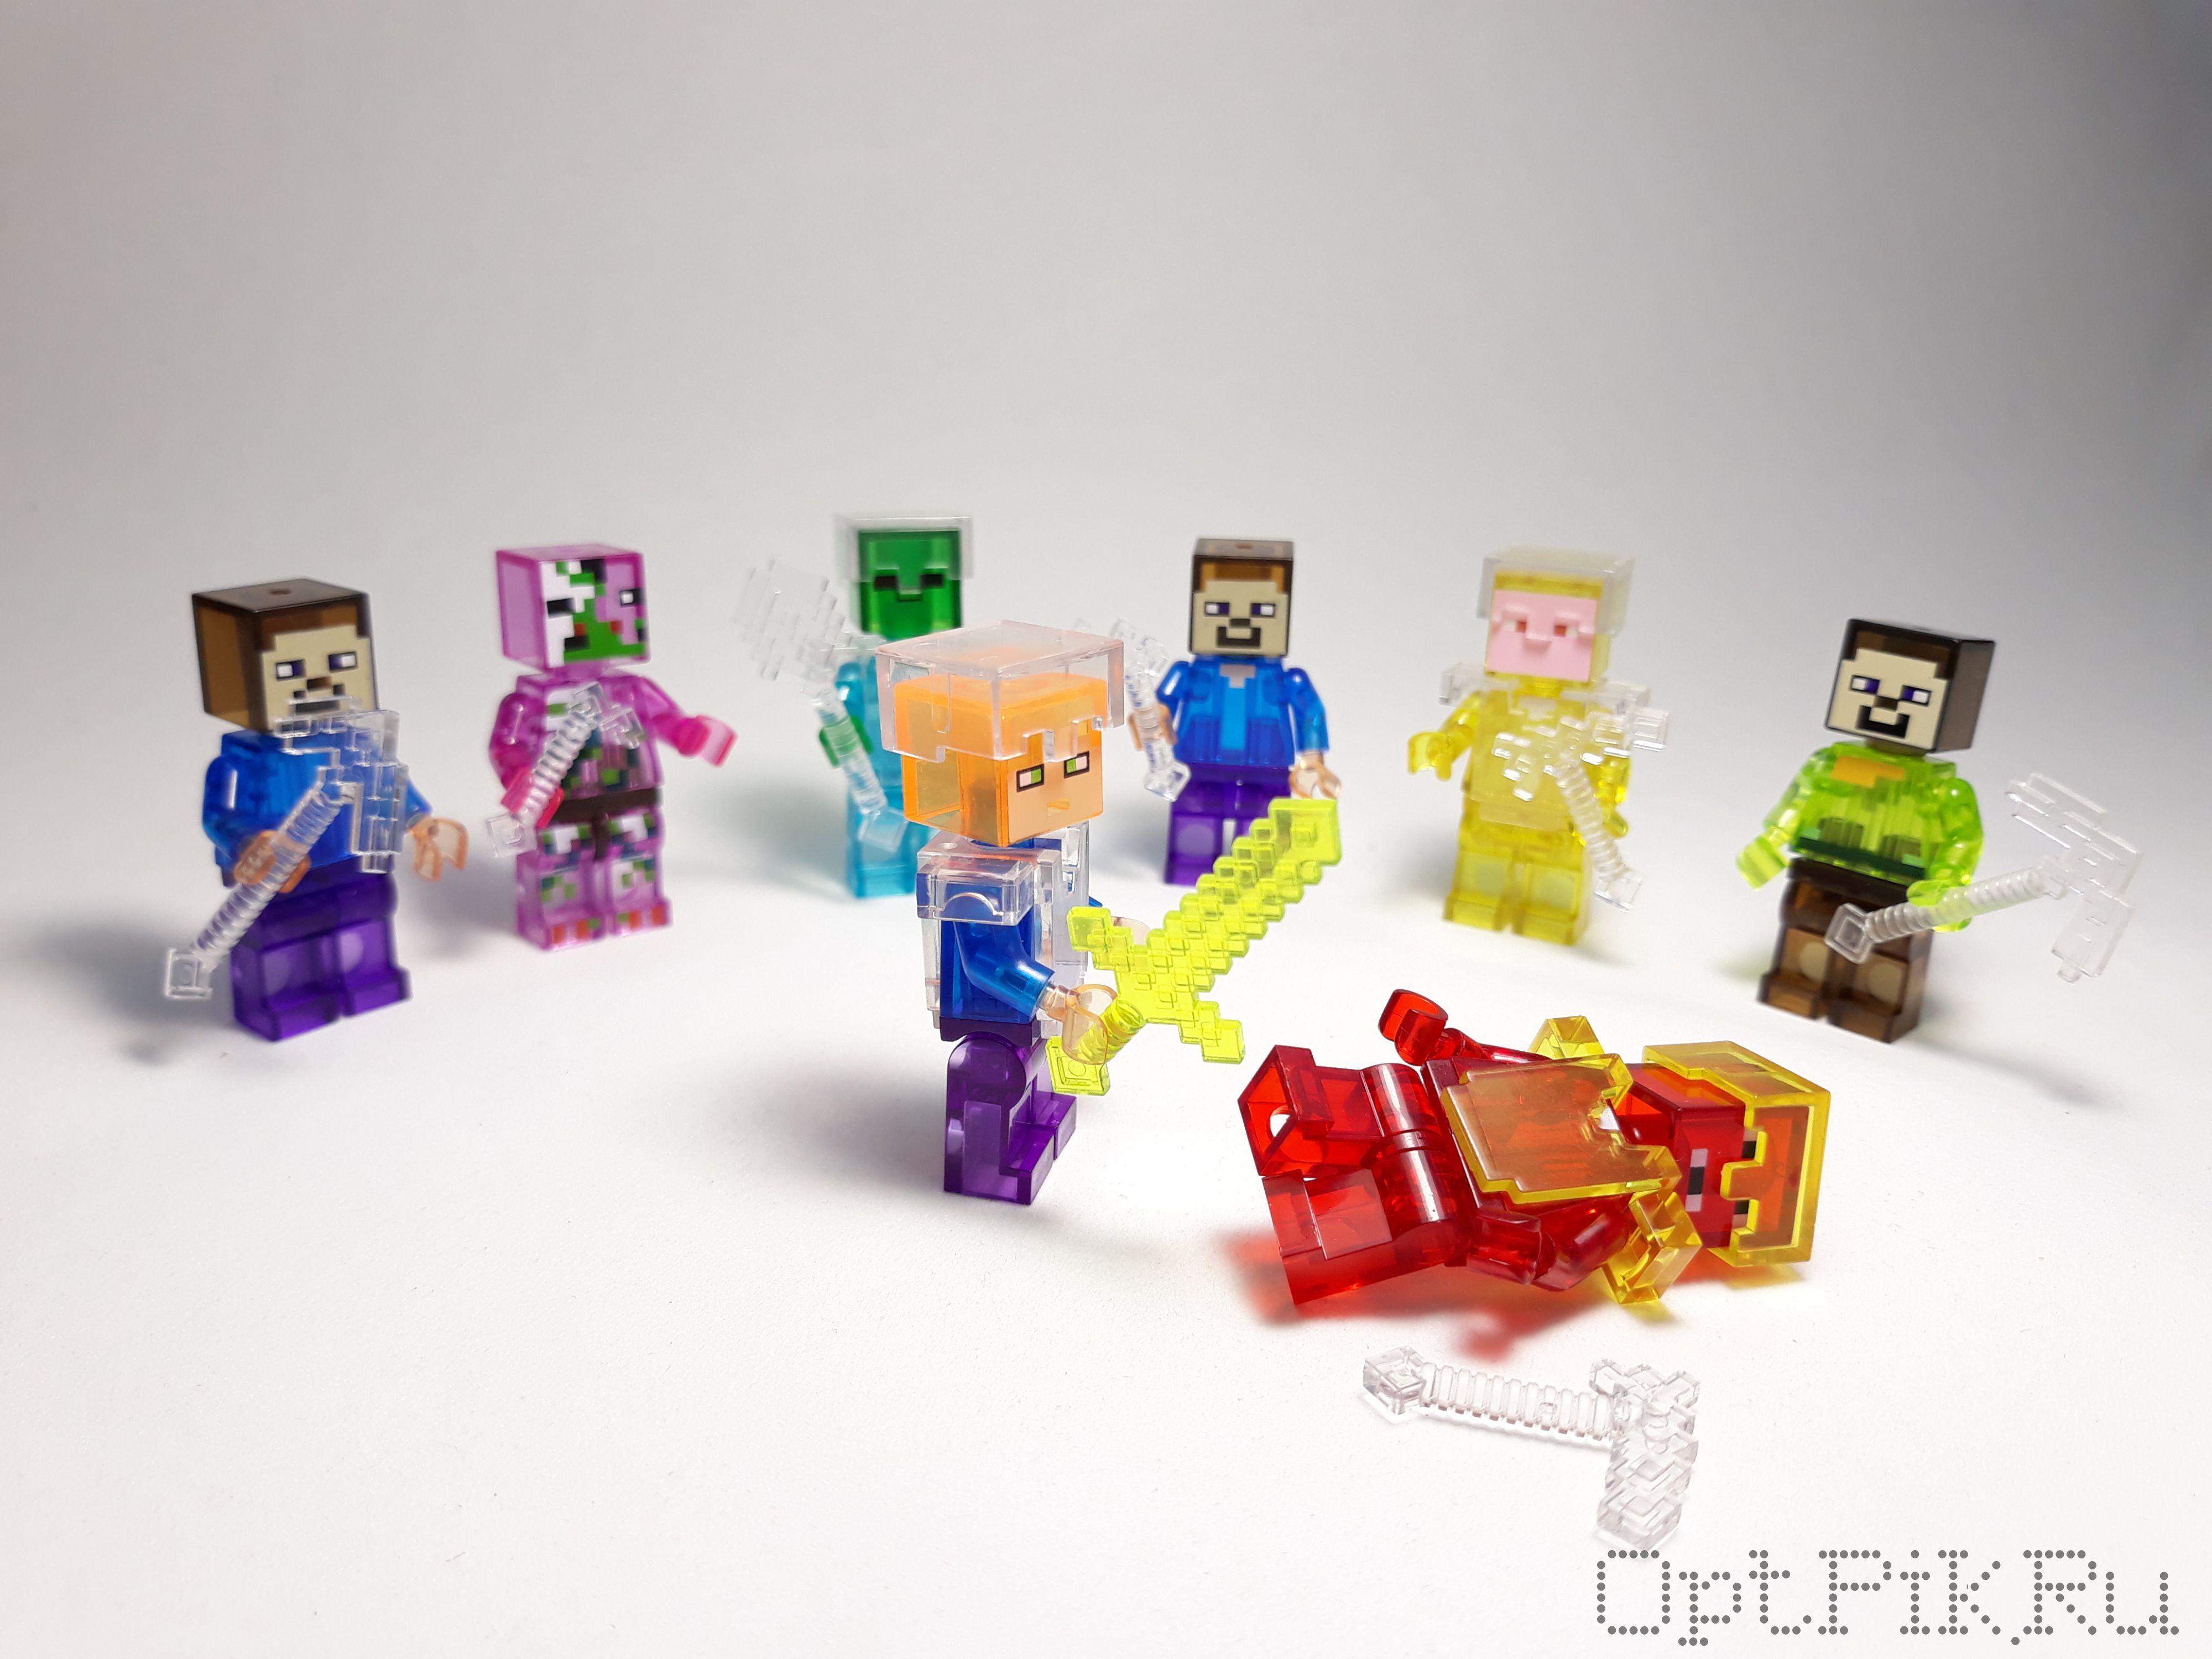 Шарик-сюрприз Кристальный Майнкрафт Minecraft 2 героя